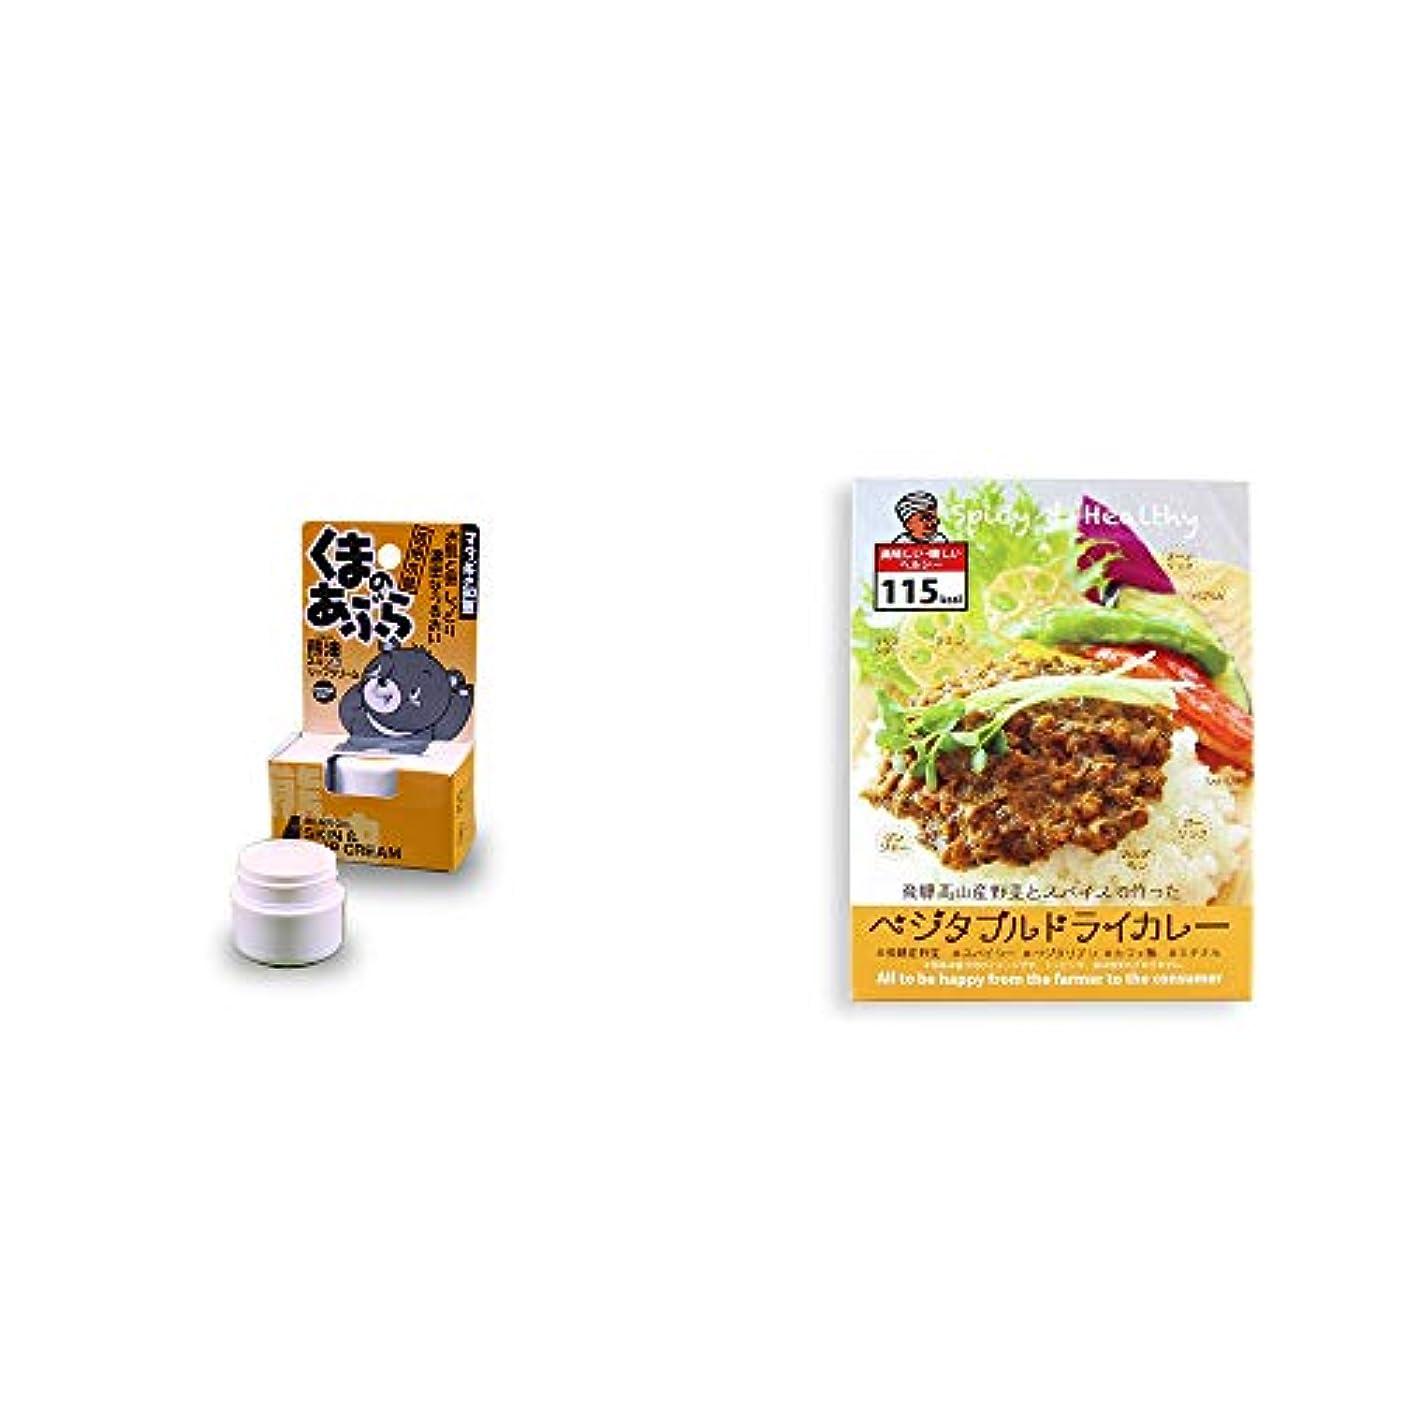 メルボルン前提慢性的[2点セット] 信州木曽 くまのあぶら 熊油スキン&リップクリーム(9g)?飛騨産野菜とスパイスで作ったベジタブルドライカレー(100g)